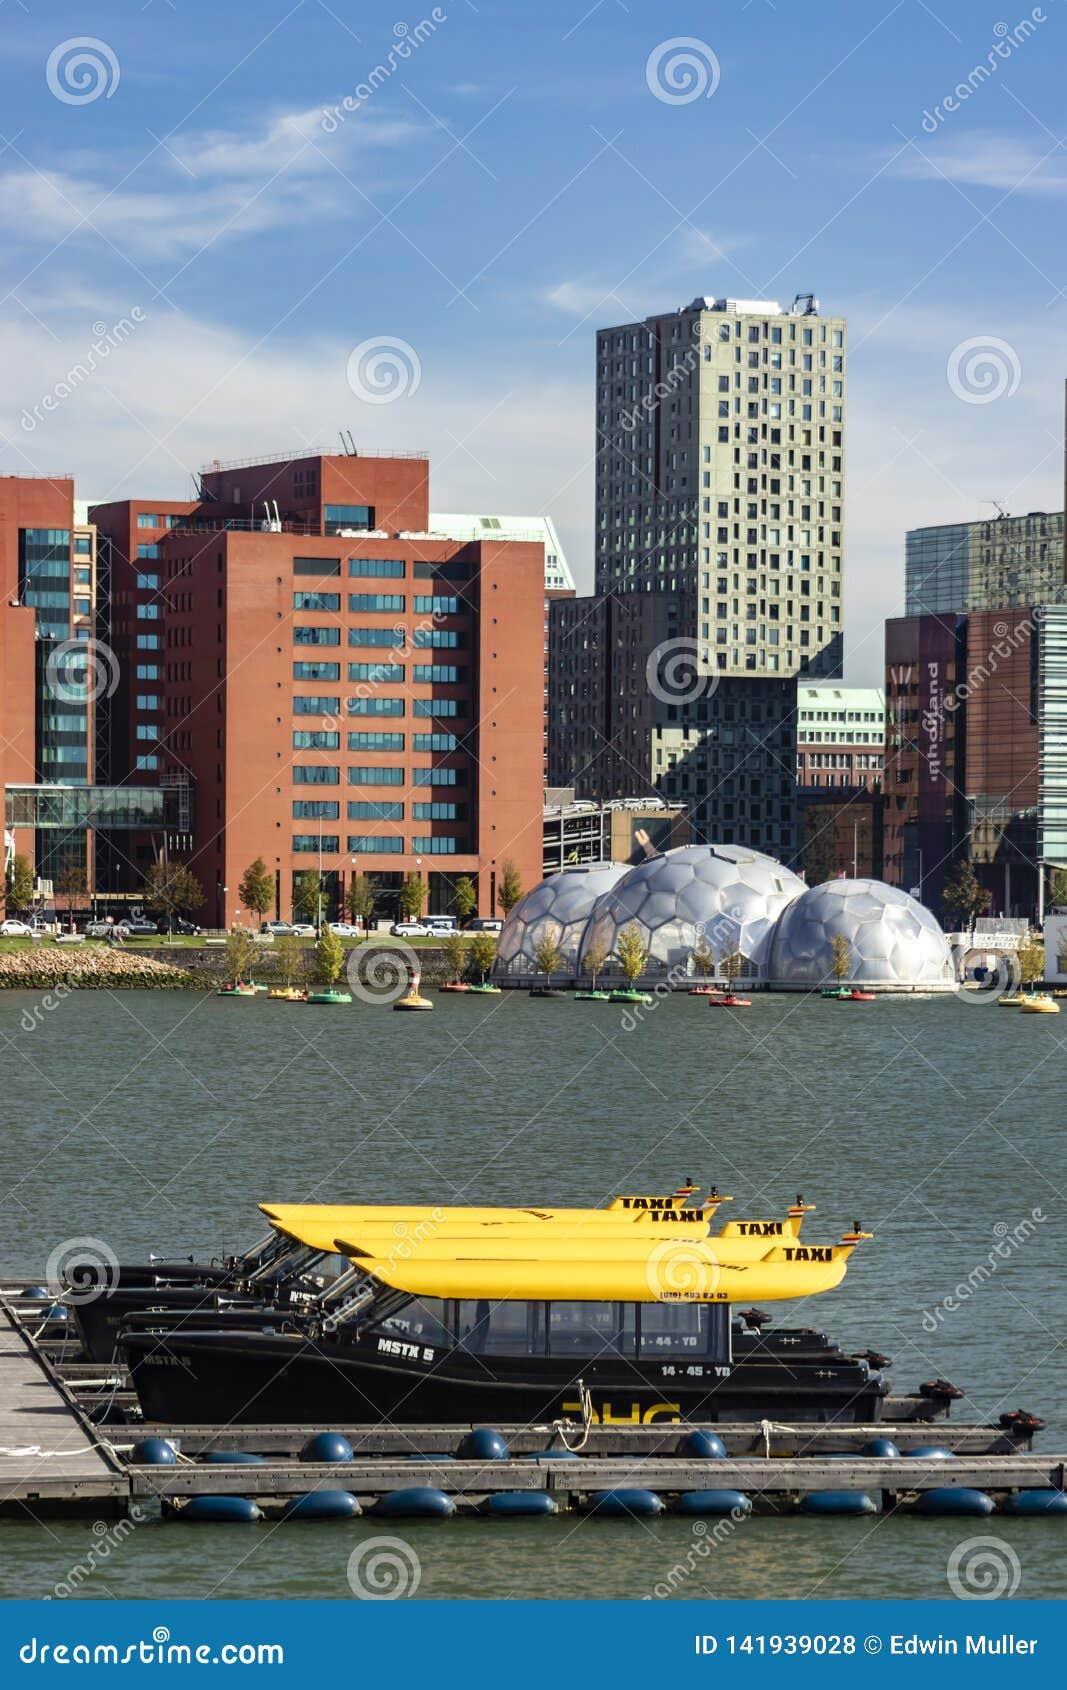 Watertaxi parking w Rijnhaven Rotterdam